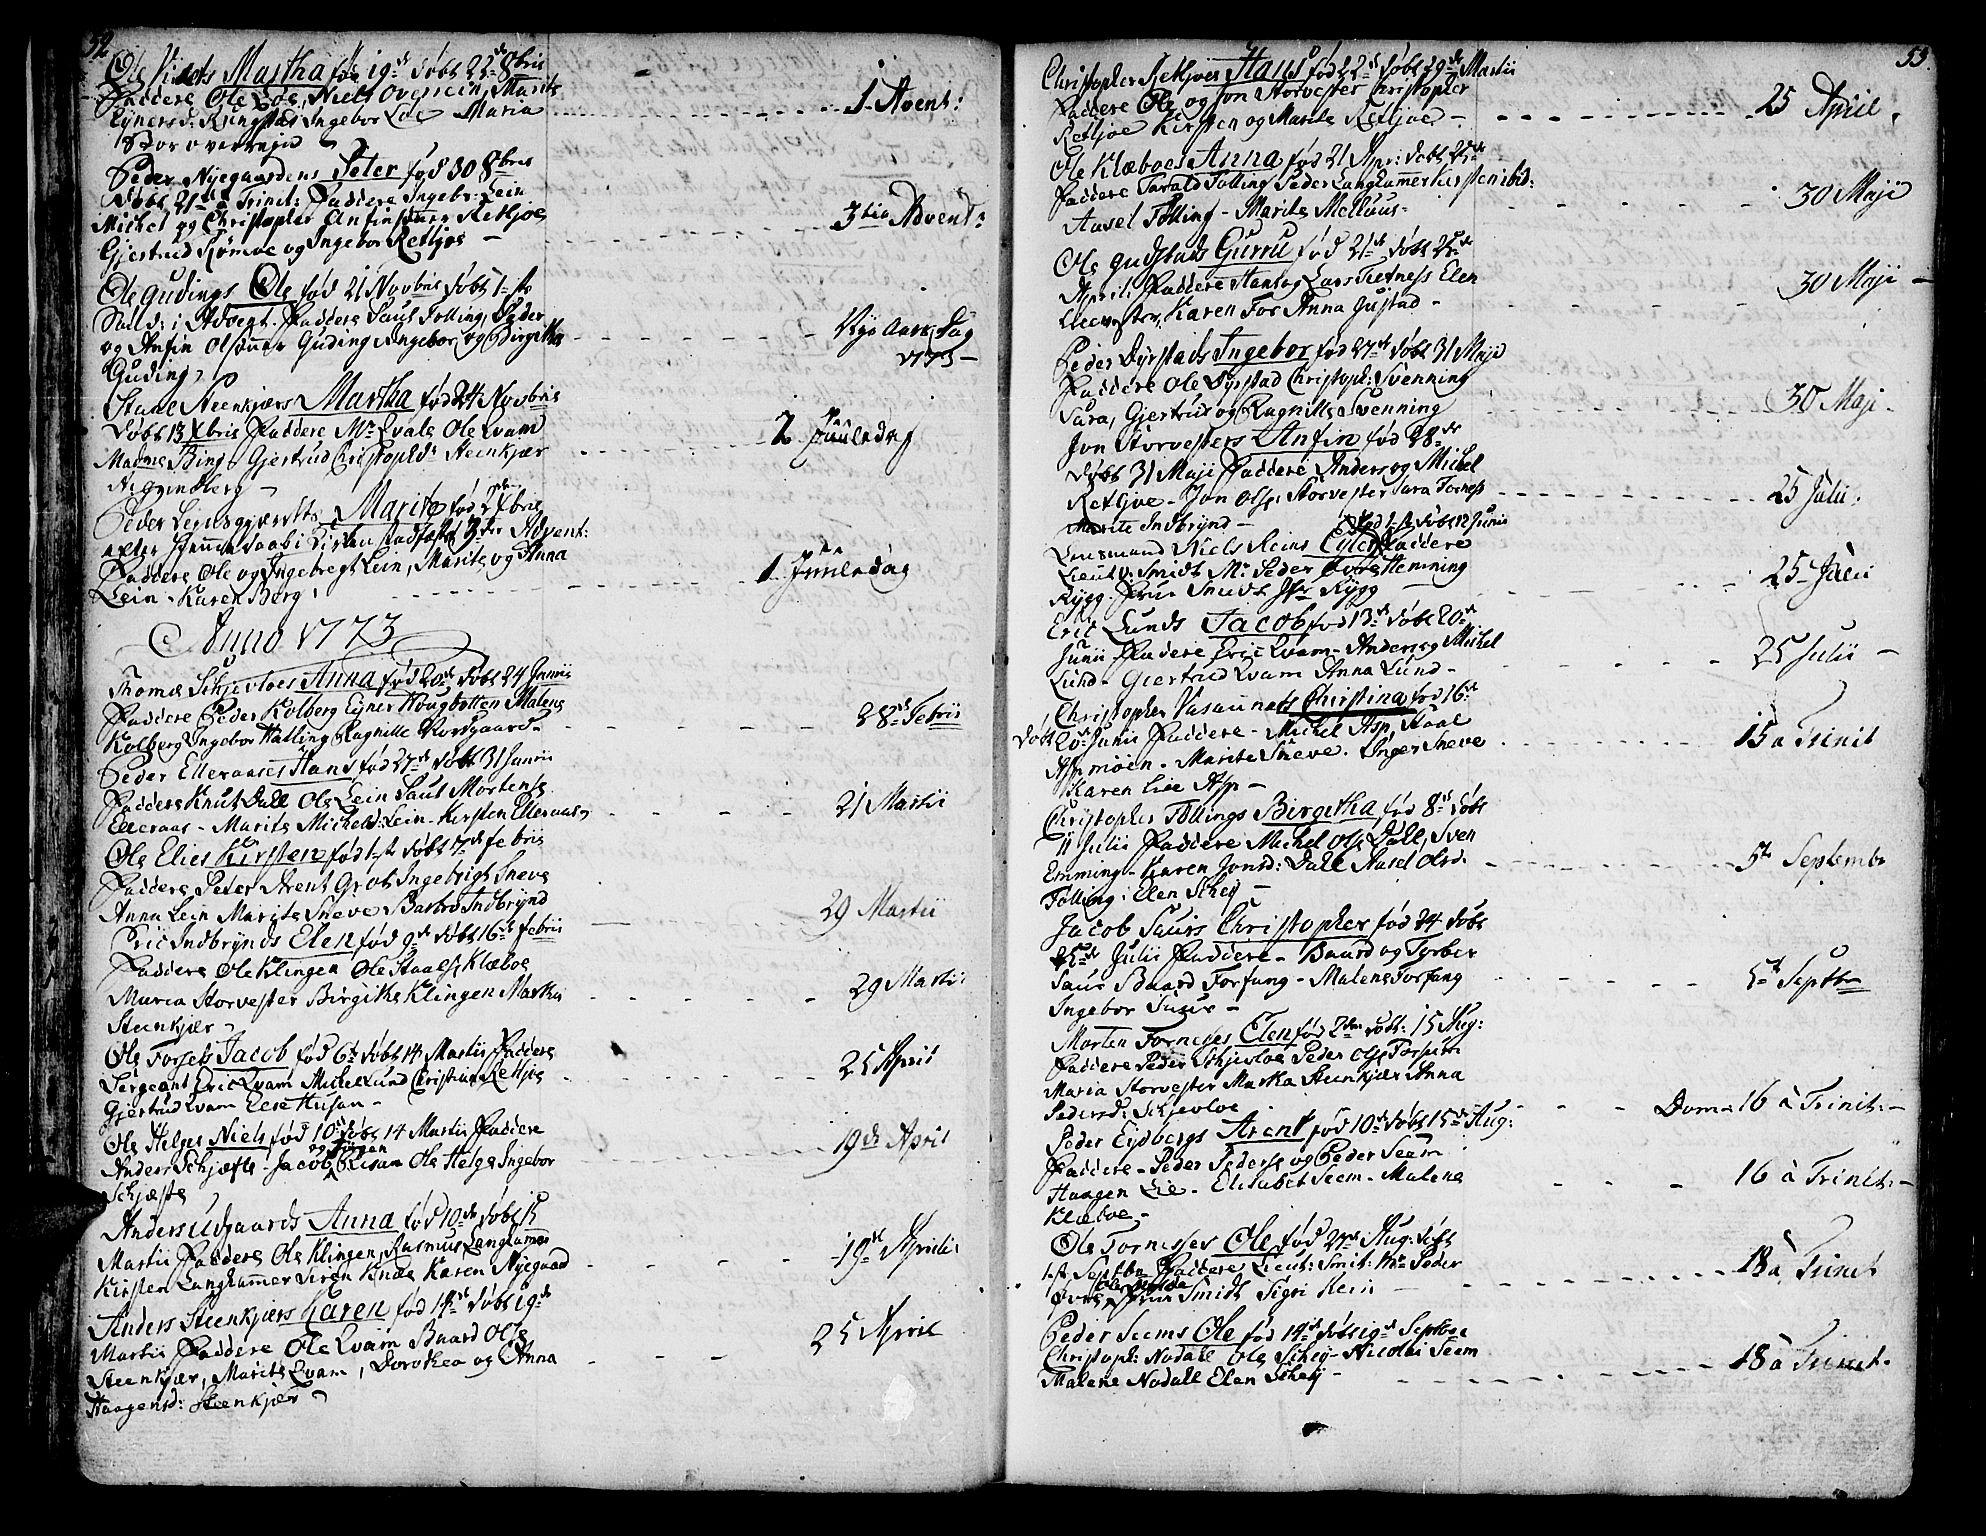 SAT, Ministerialprotokoller, klokkerbøker og fødselsregistre - Nord-Trøndelag, 746/L0440: Ministerialbok nr. 746A02, 1760-1815, s. 52-53